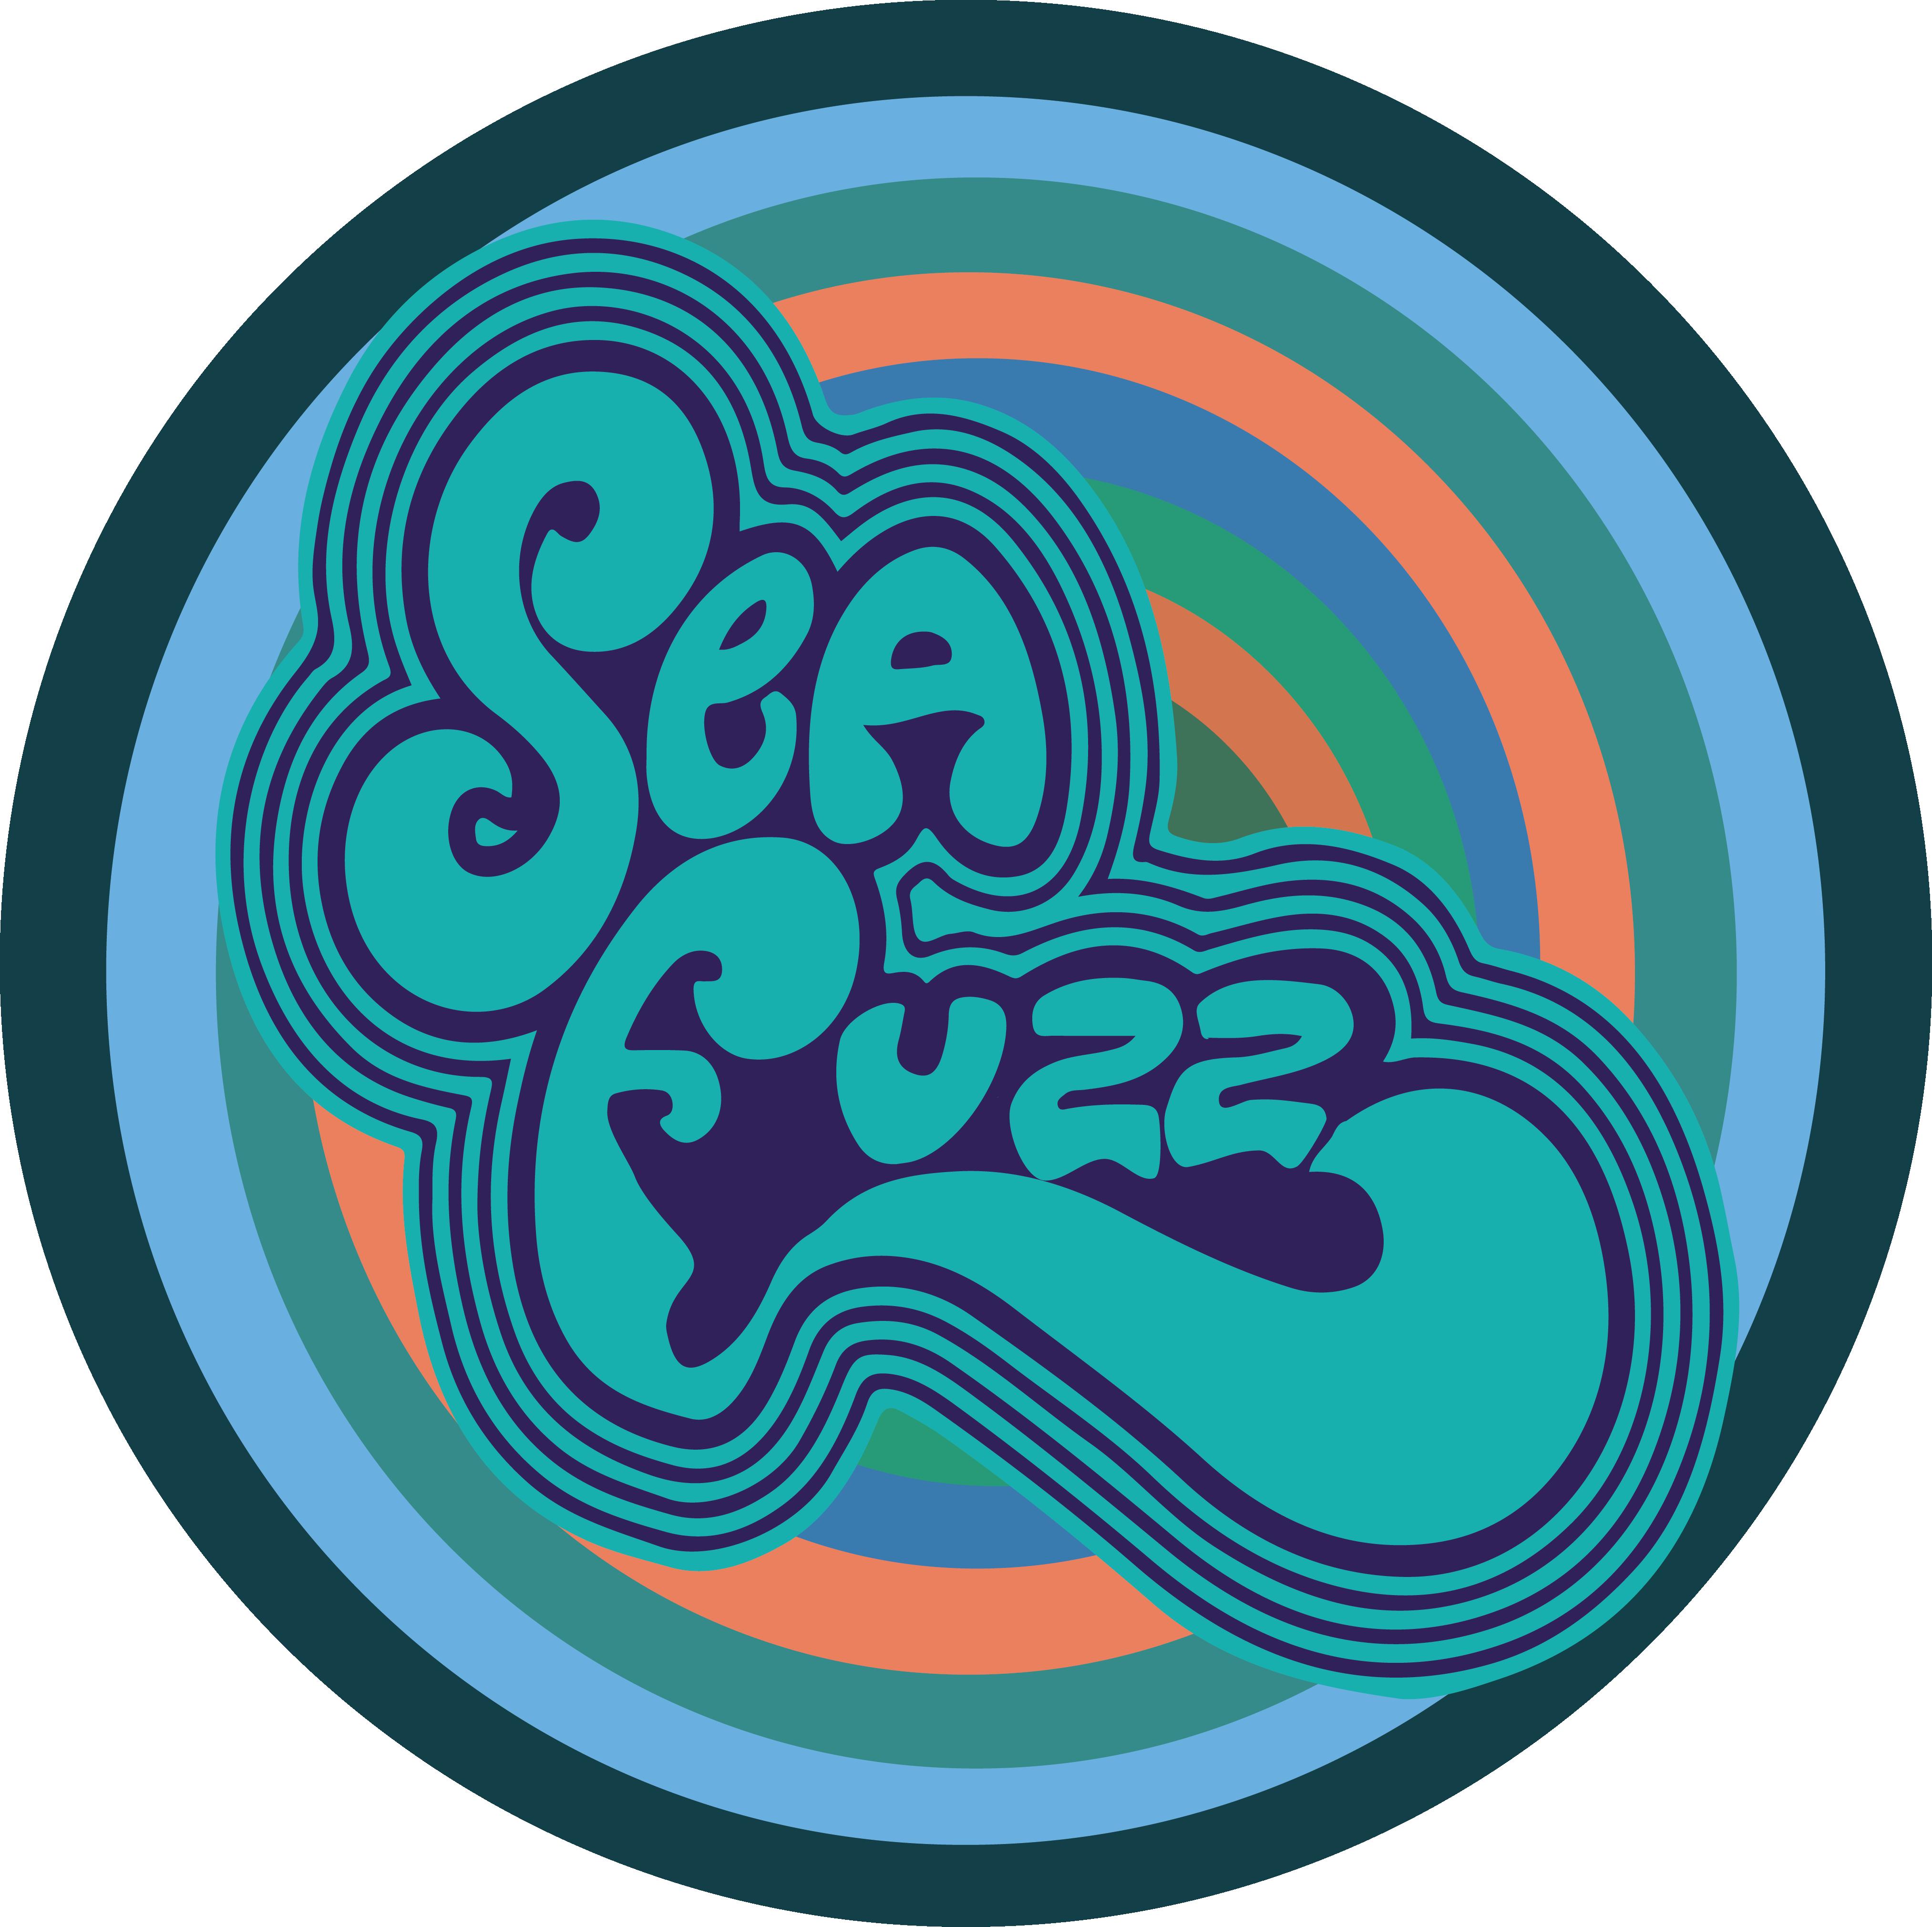 sea fuzz